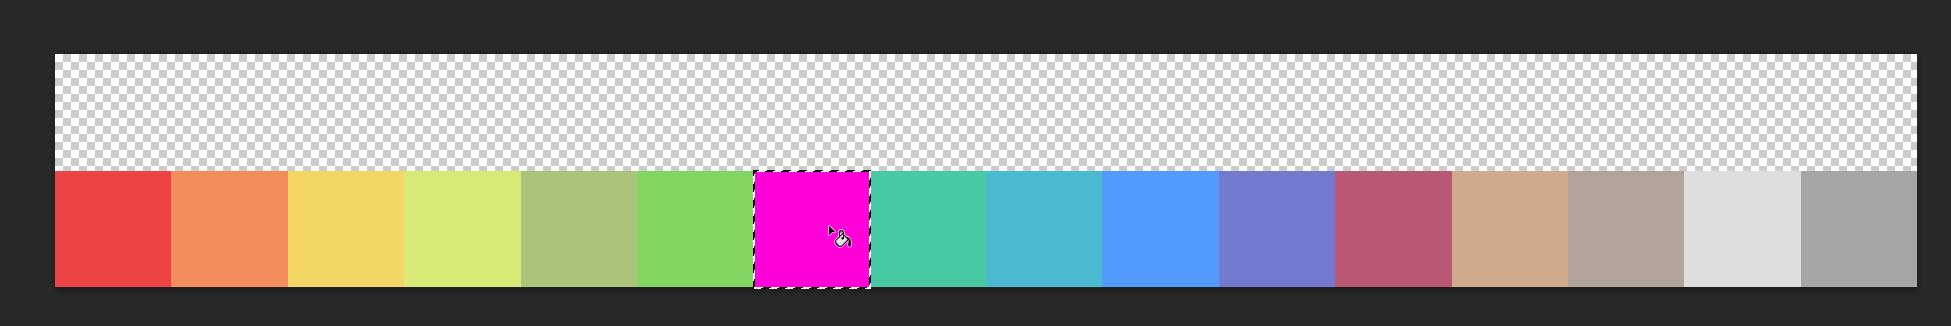 Townscaper - How to Change Building Color/Colour Palette - The Palette - 53728E7